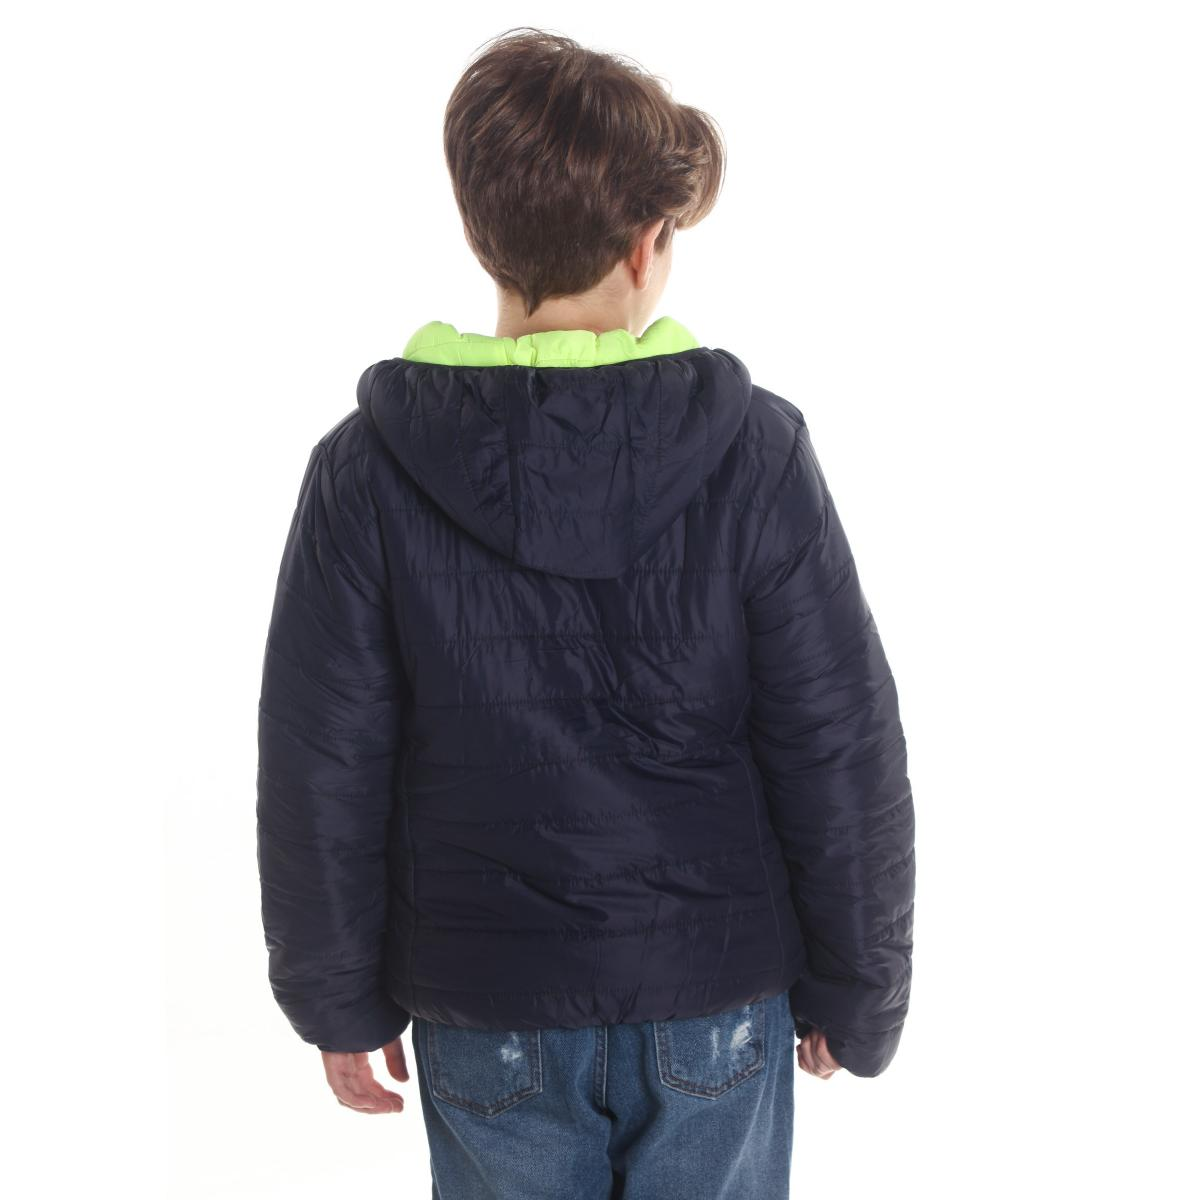 Giubbotto piumino 100 grammi double face con cappuccio da bambino rif. Z413J